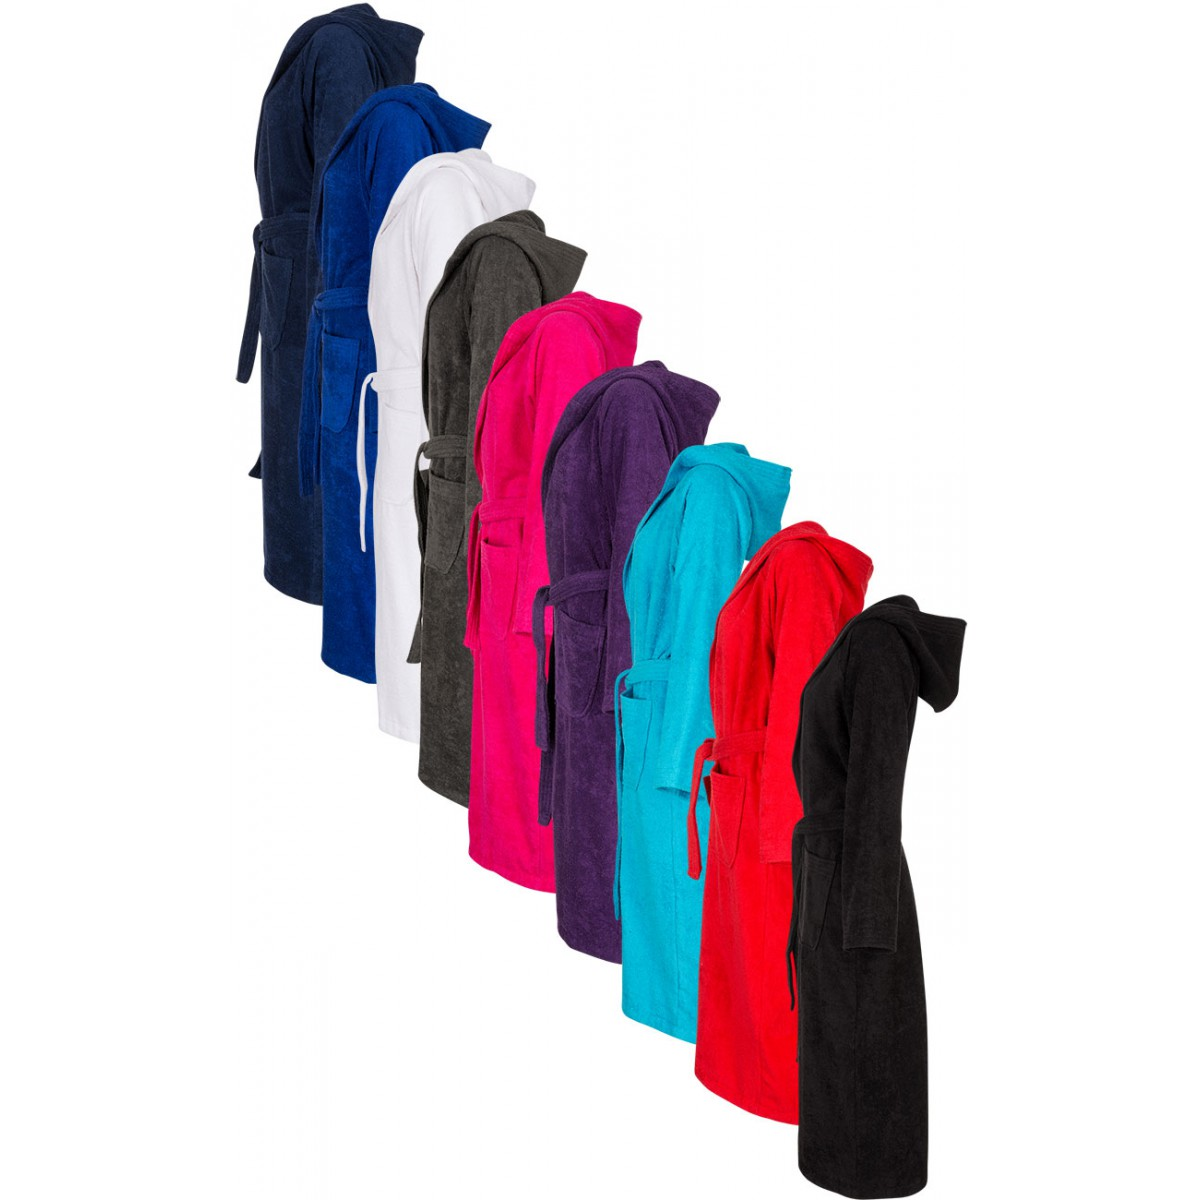 Gekleurde badjassen met naam